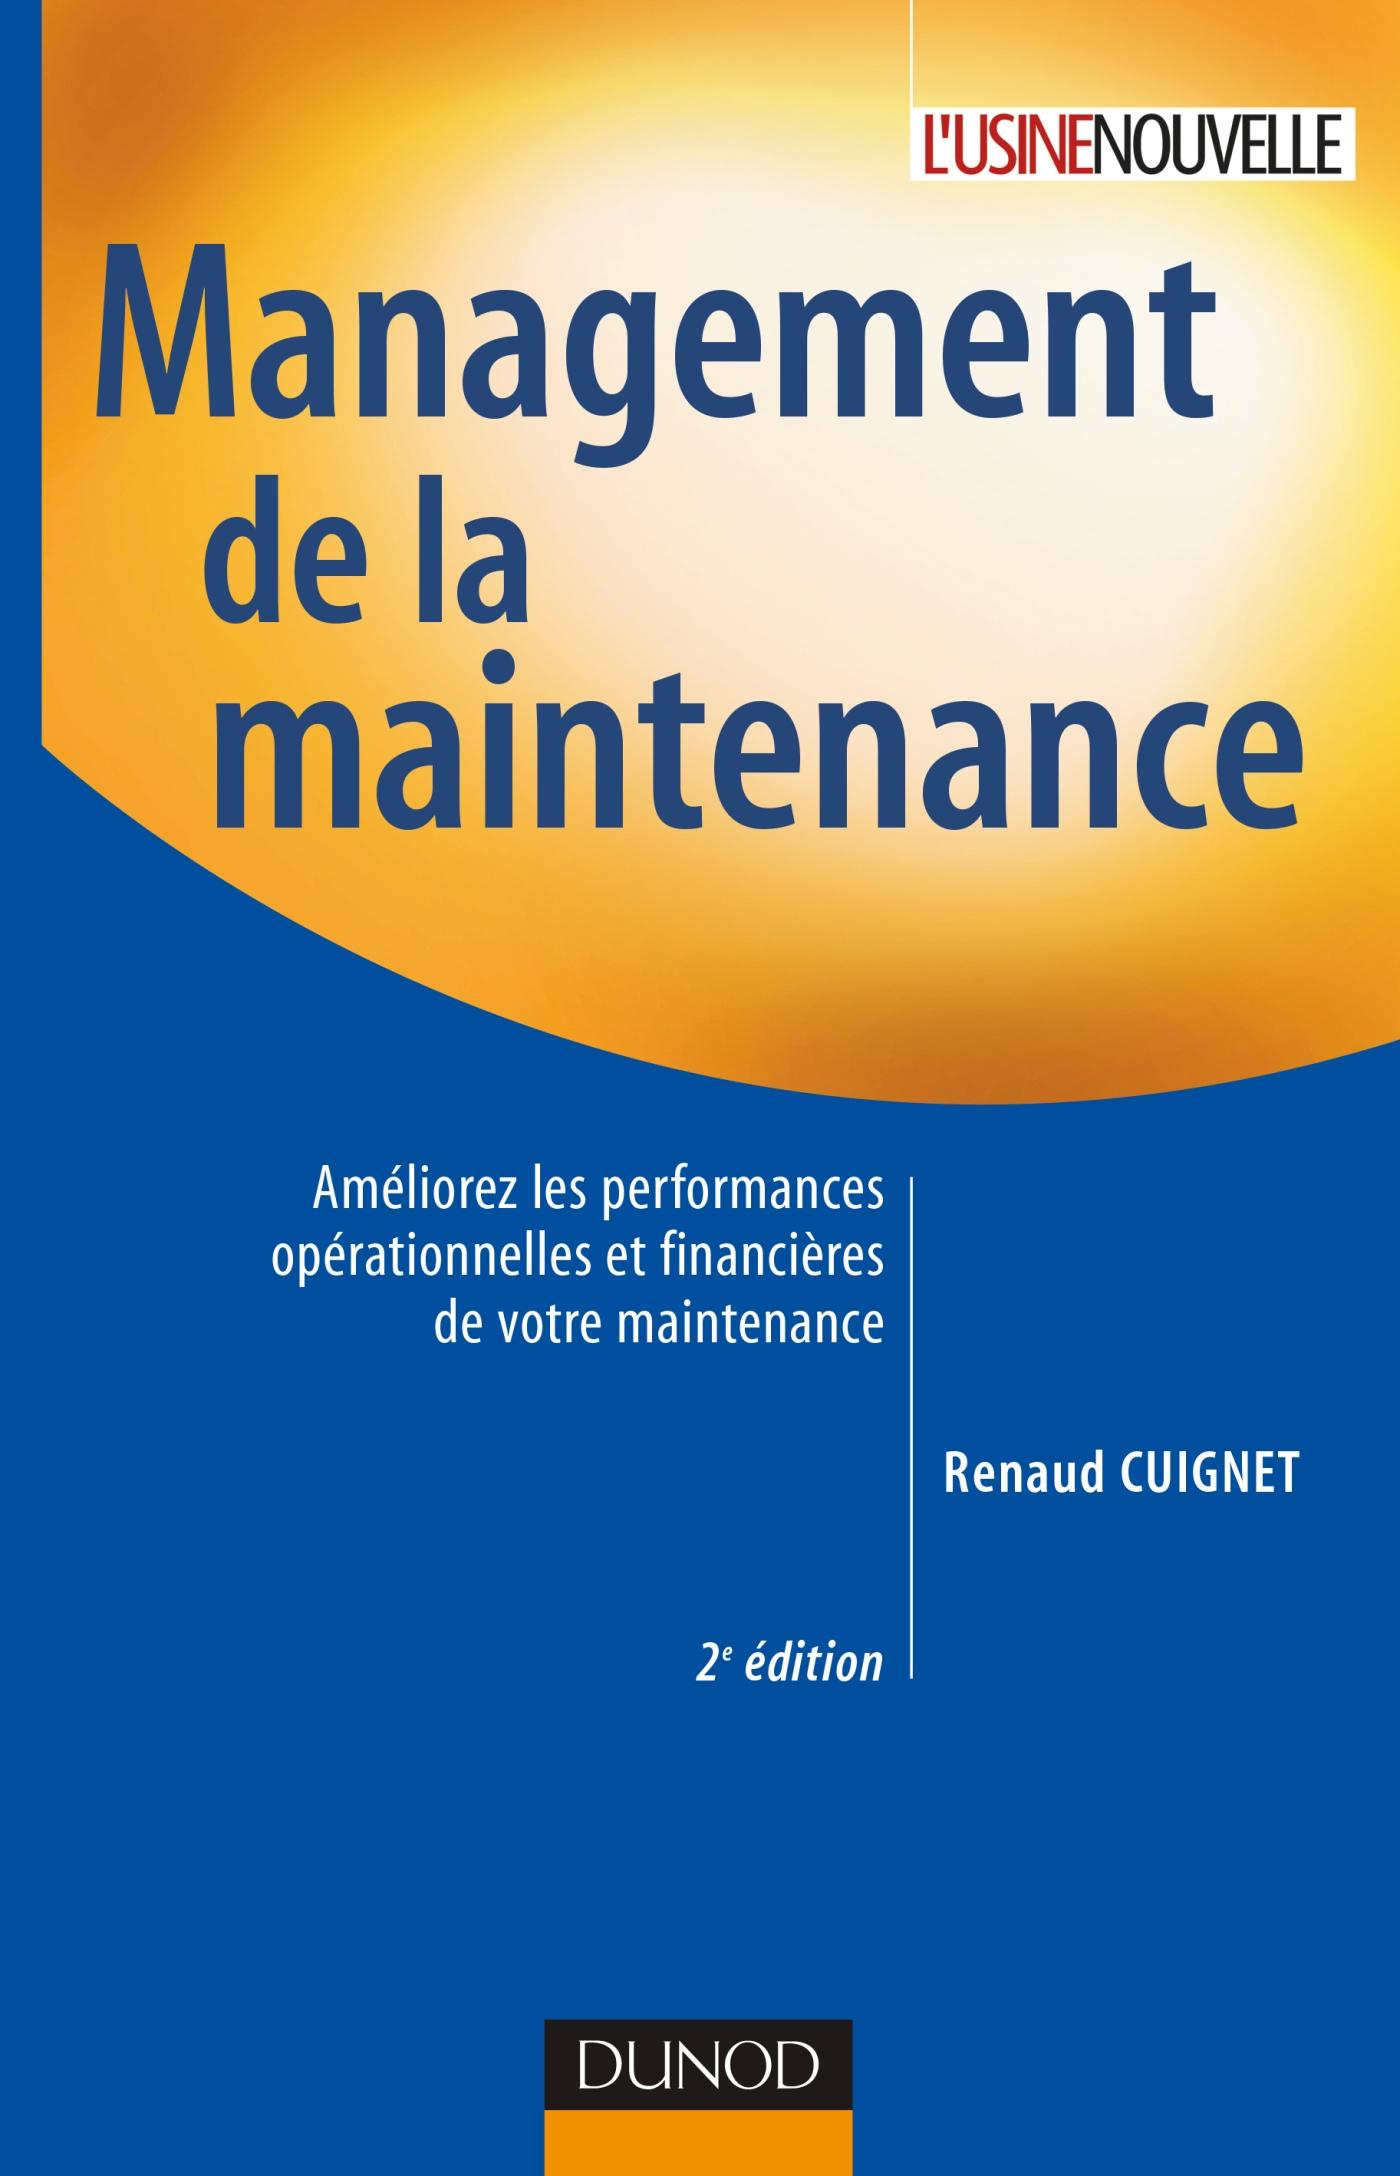 Favori Management de la maintenance - Améliorez les performances  RB55